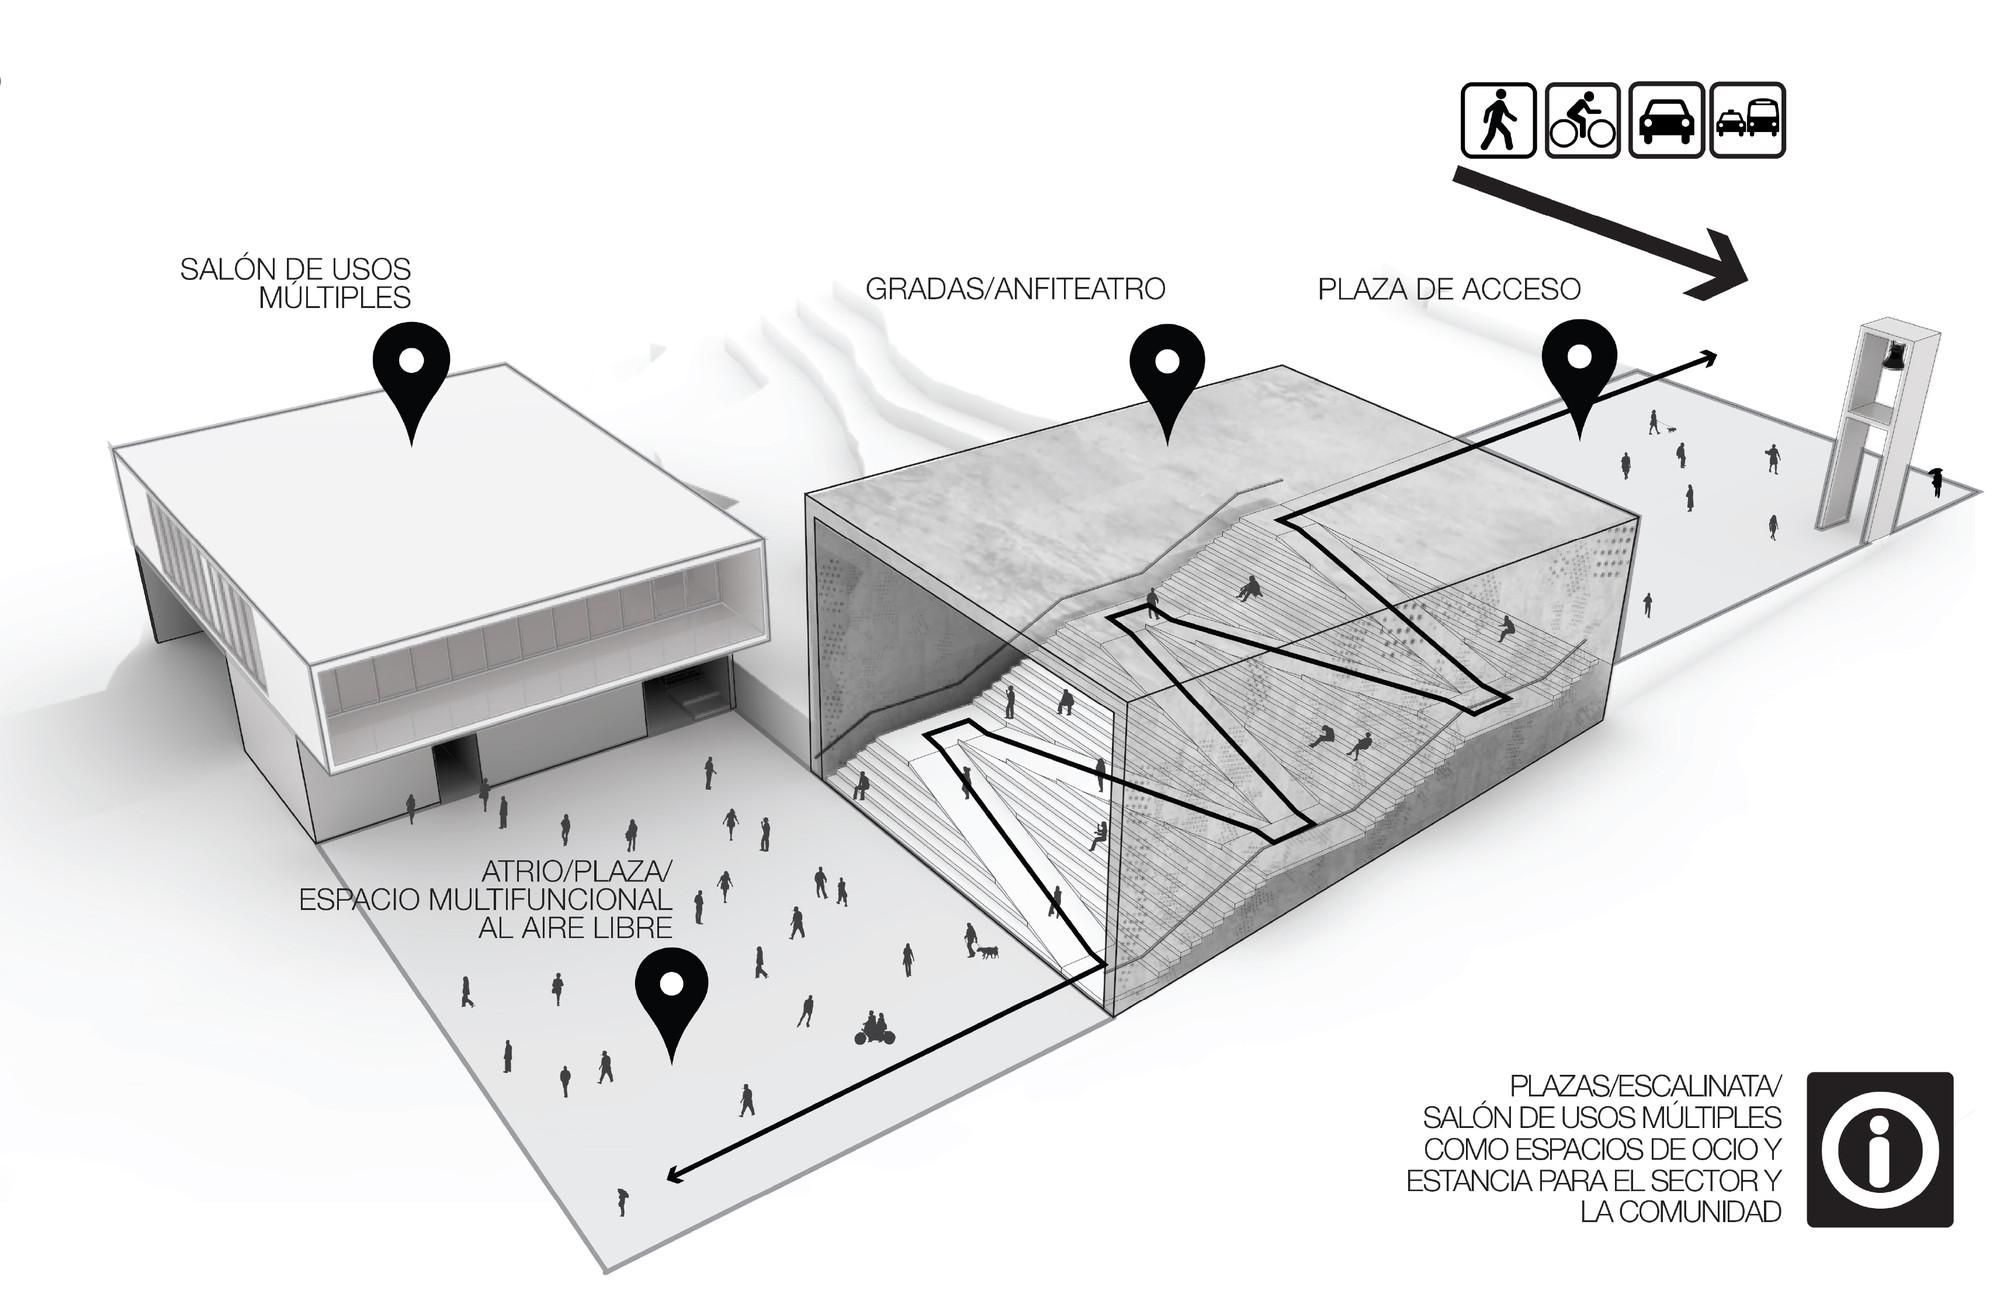 Relaciones con entorno urbano. Image Courtesy of Taller de arquitectura Singular